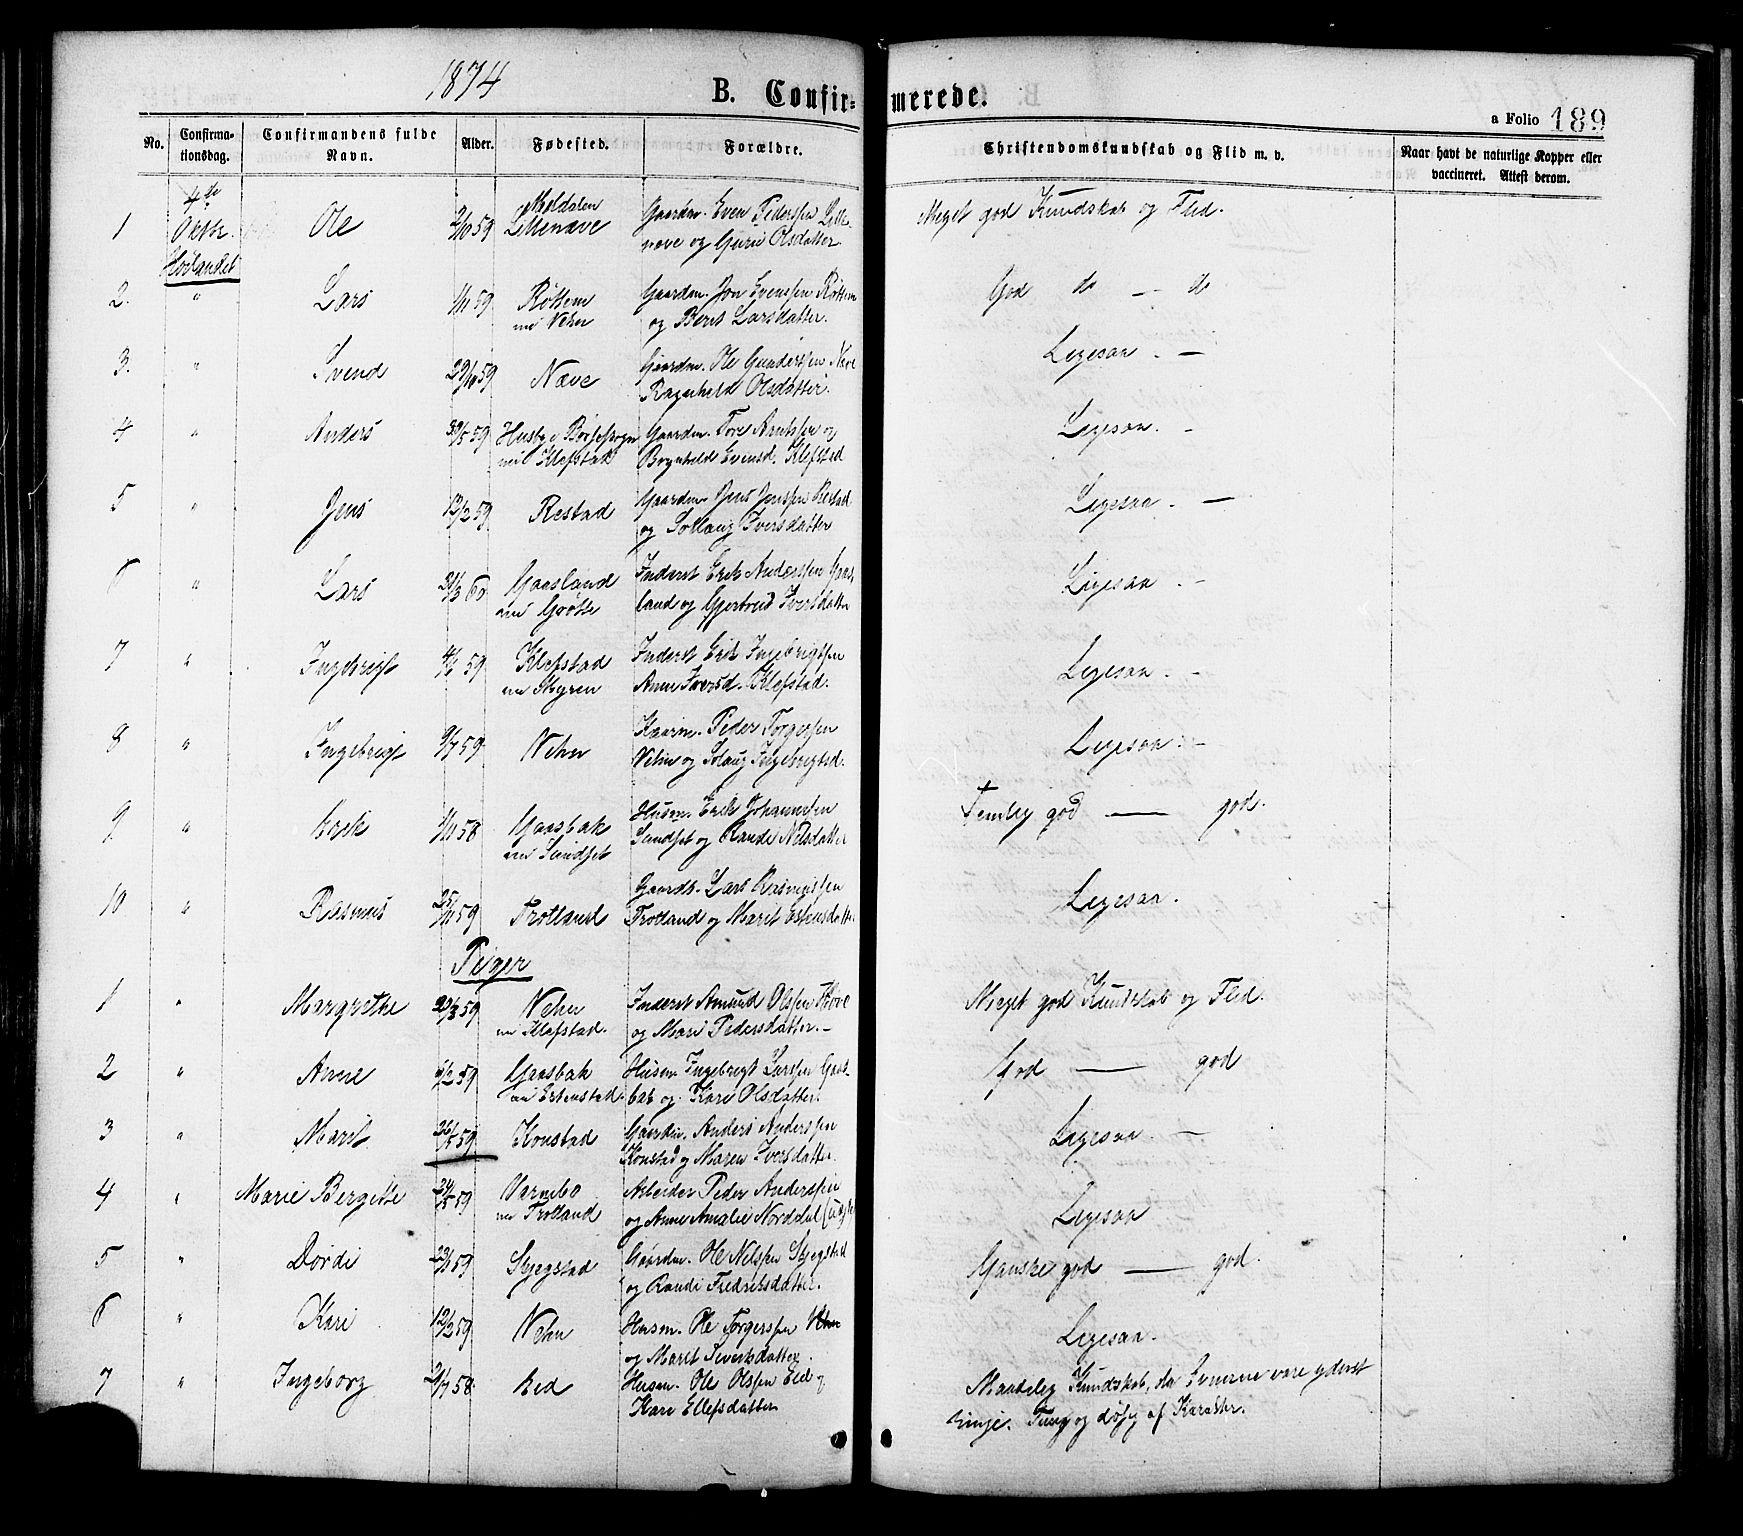 SAT, Ministerialprotokoller, klokkerbøker og fødselsregistre - Sør-Trøndelag, 691/L1079: Ministerialbok nr. 691A11, 1873-1886, s. 189